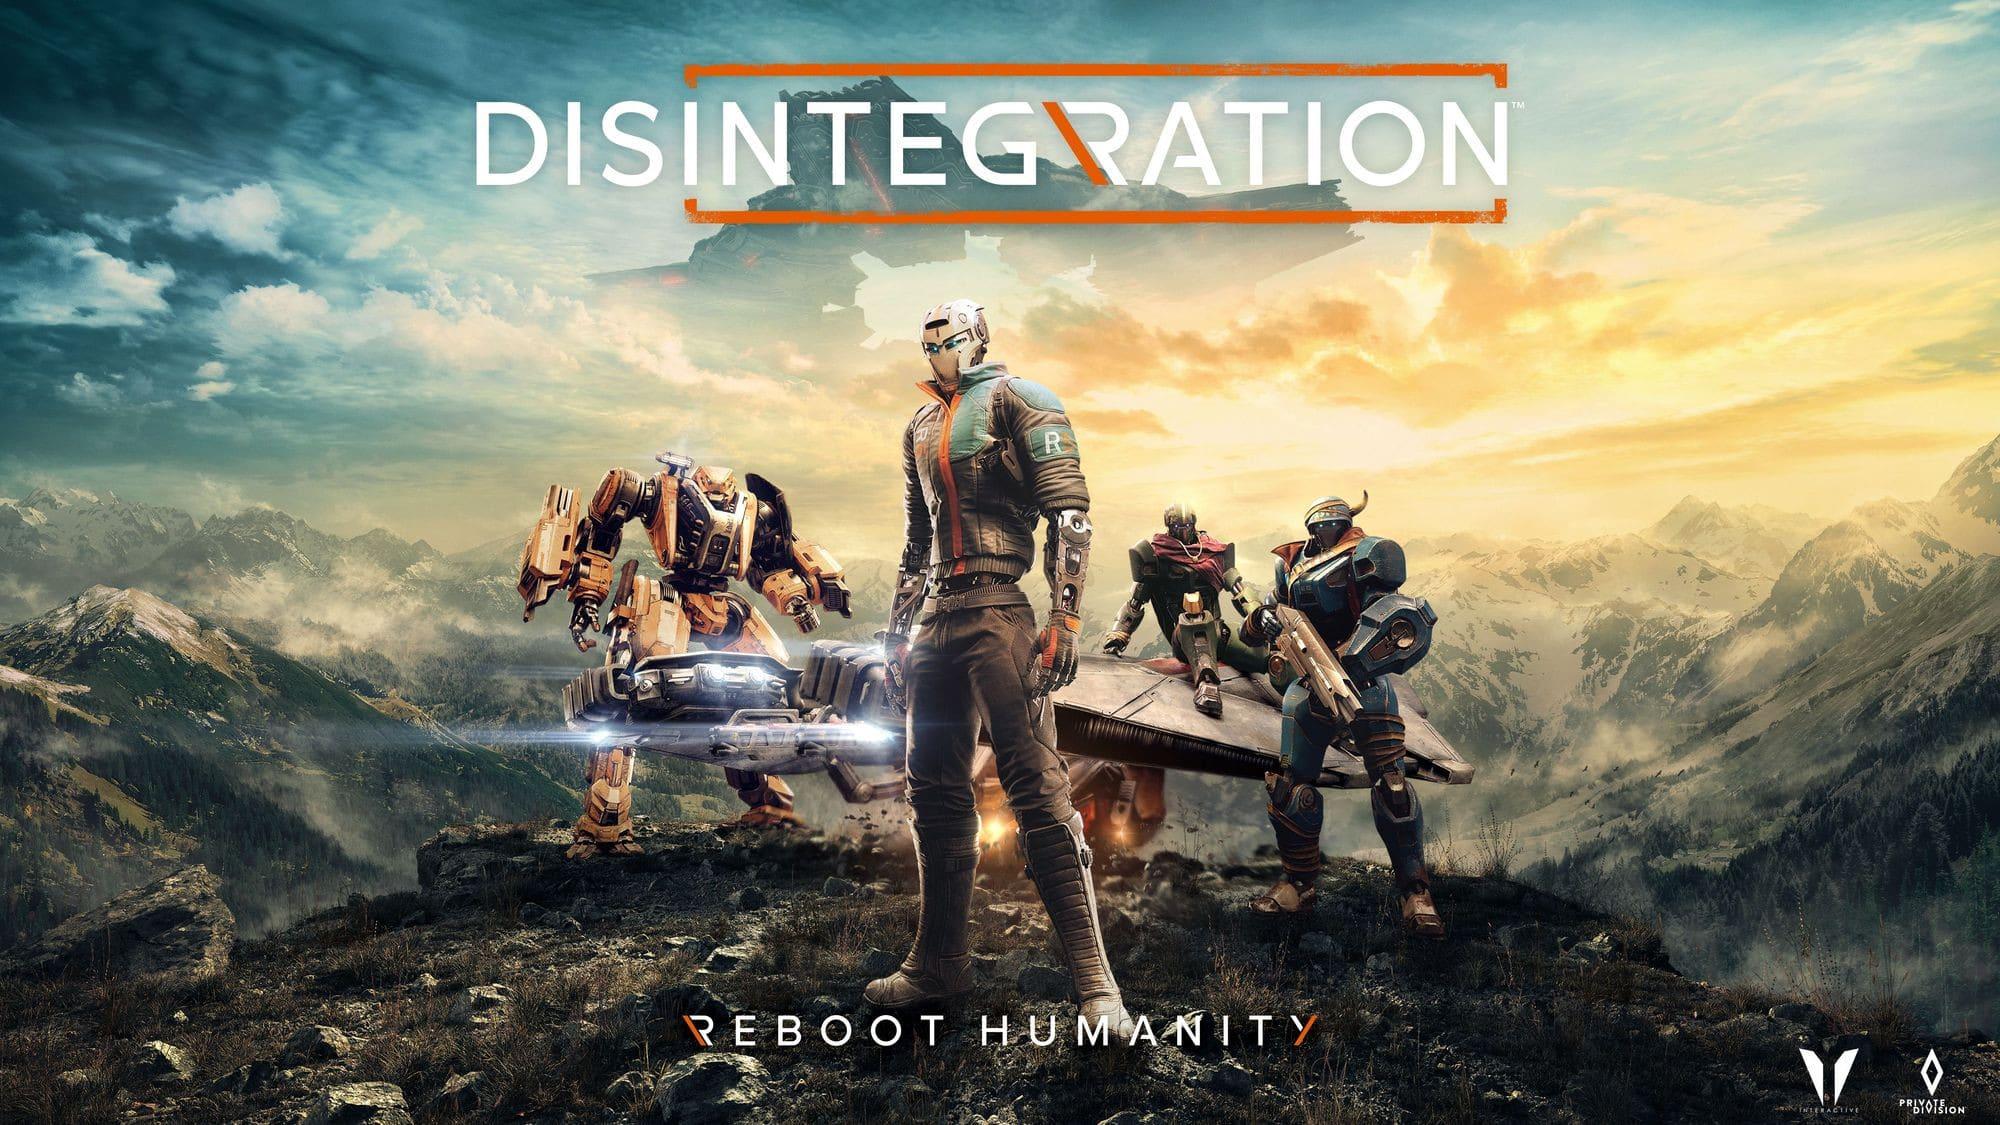 Disintegration ya está disponible para PS4, Xbox One y PC